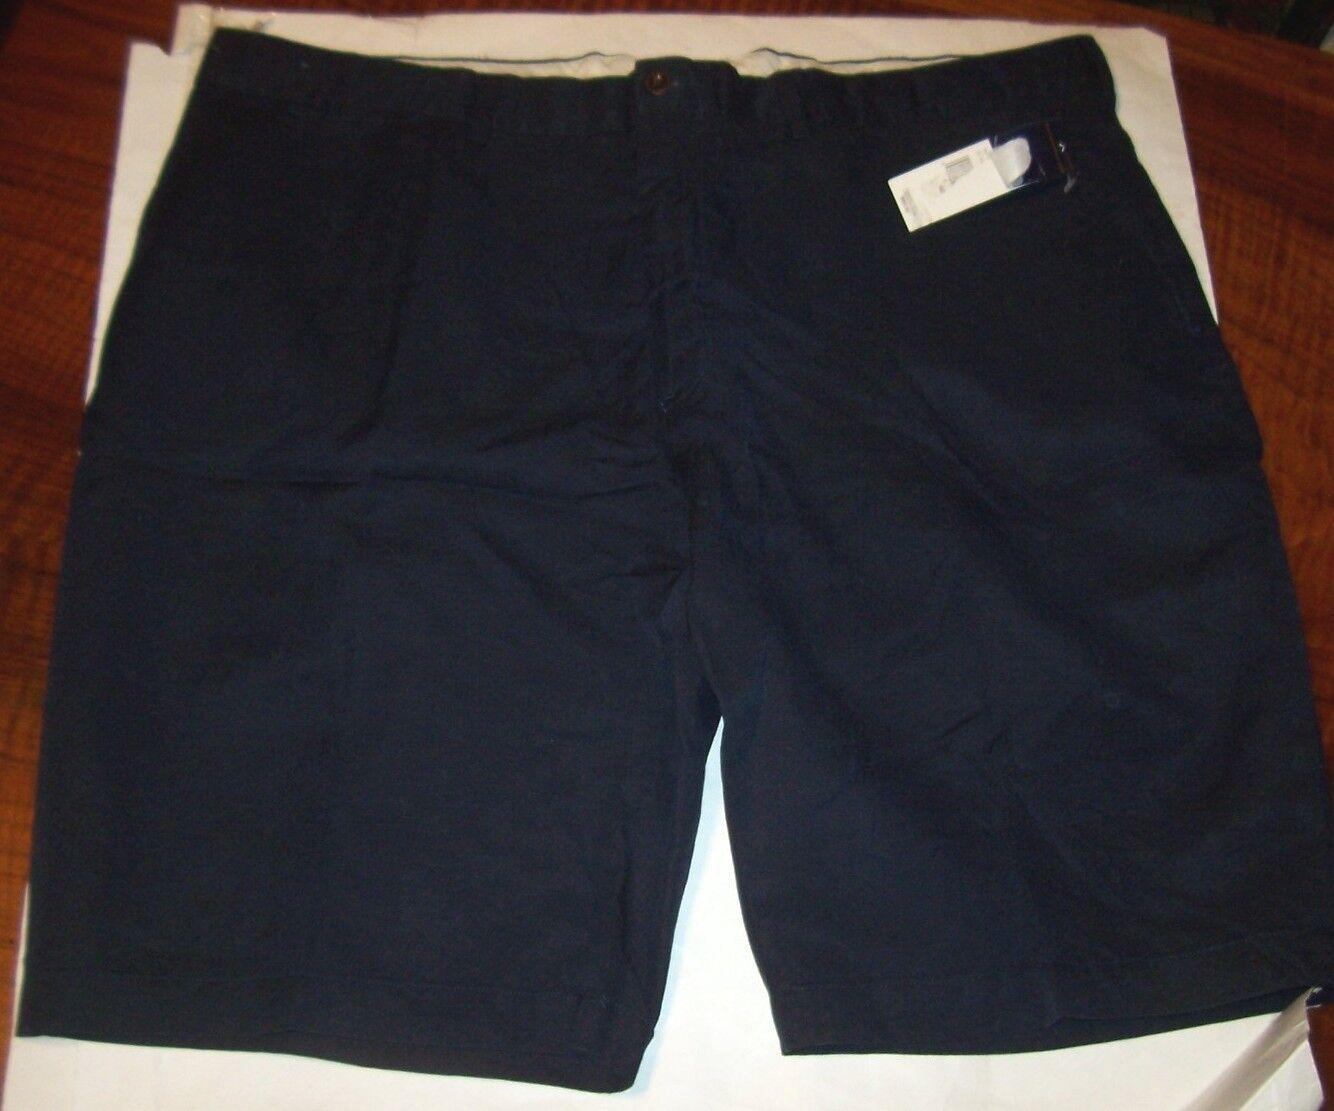 New Polo Ralph Lauren linen silk cotton blend shorts navy bluee  flat front sz 40